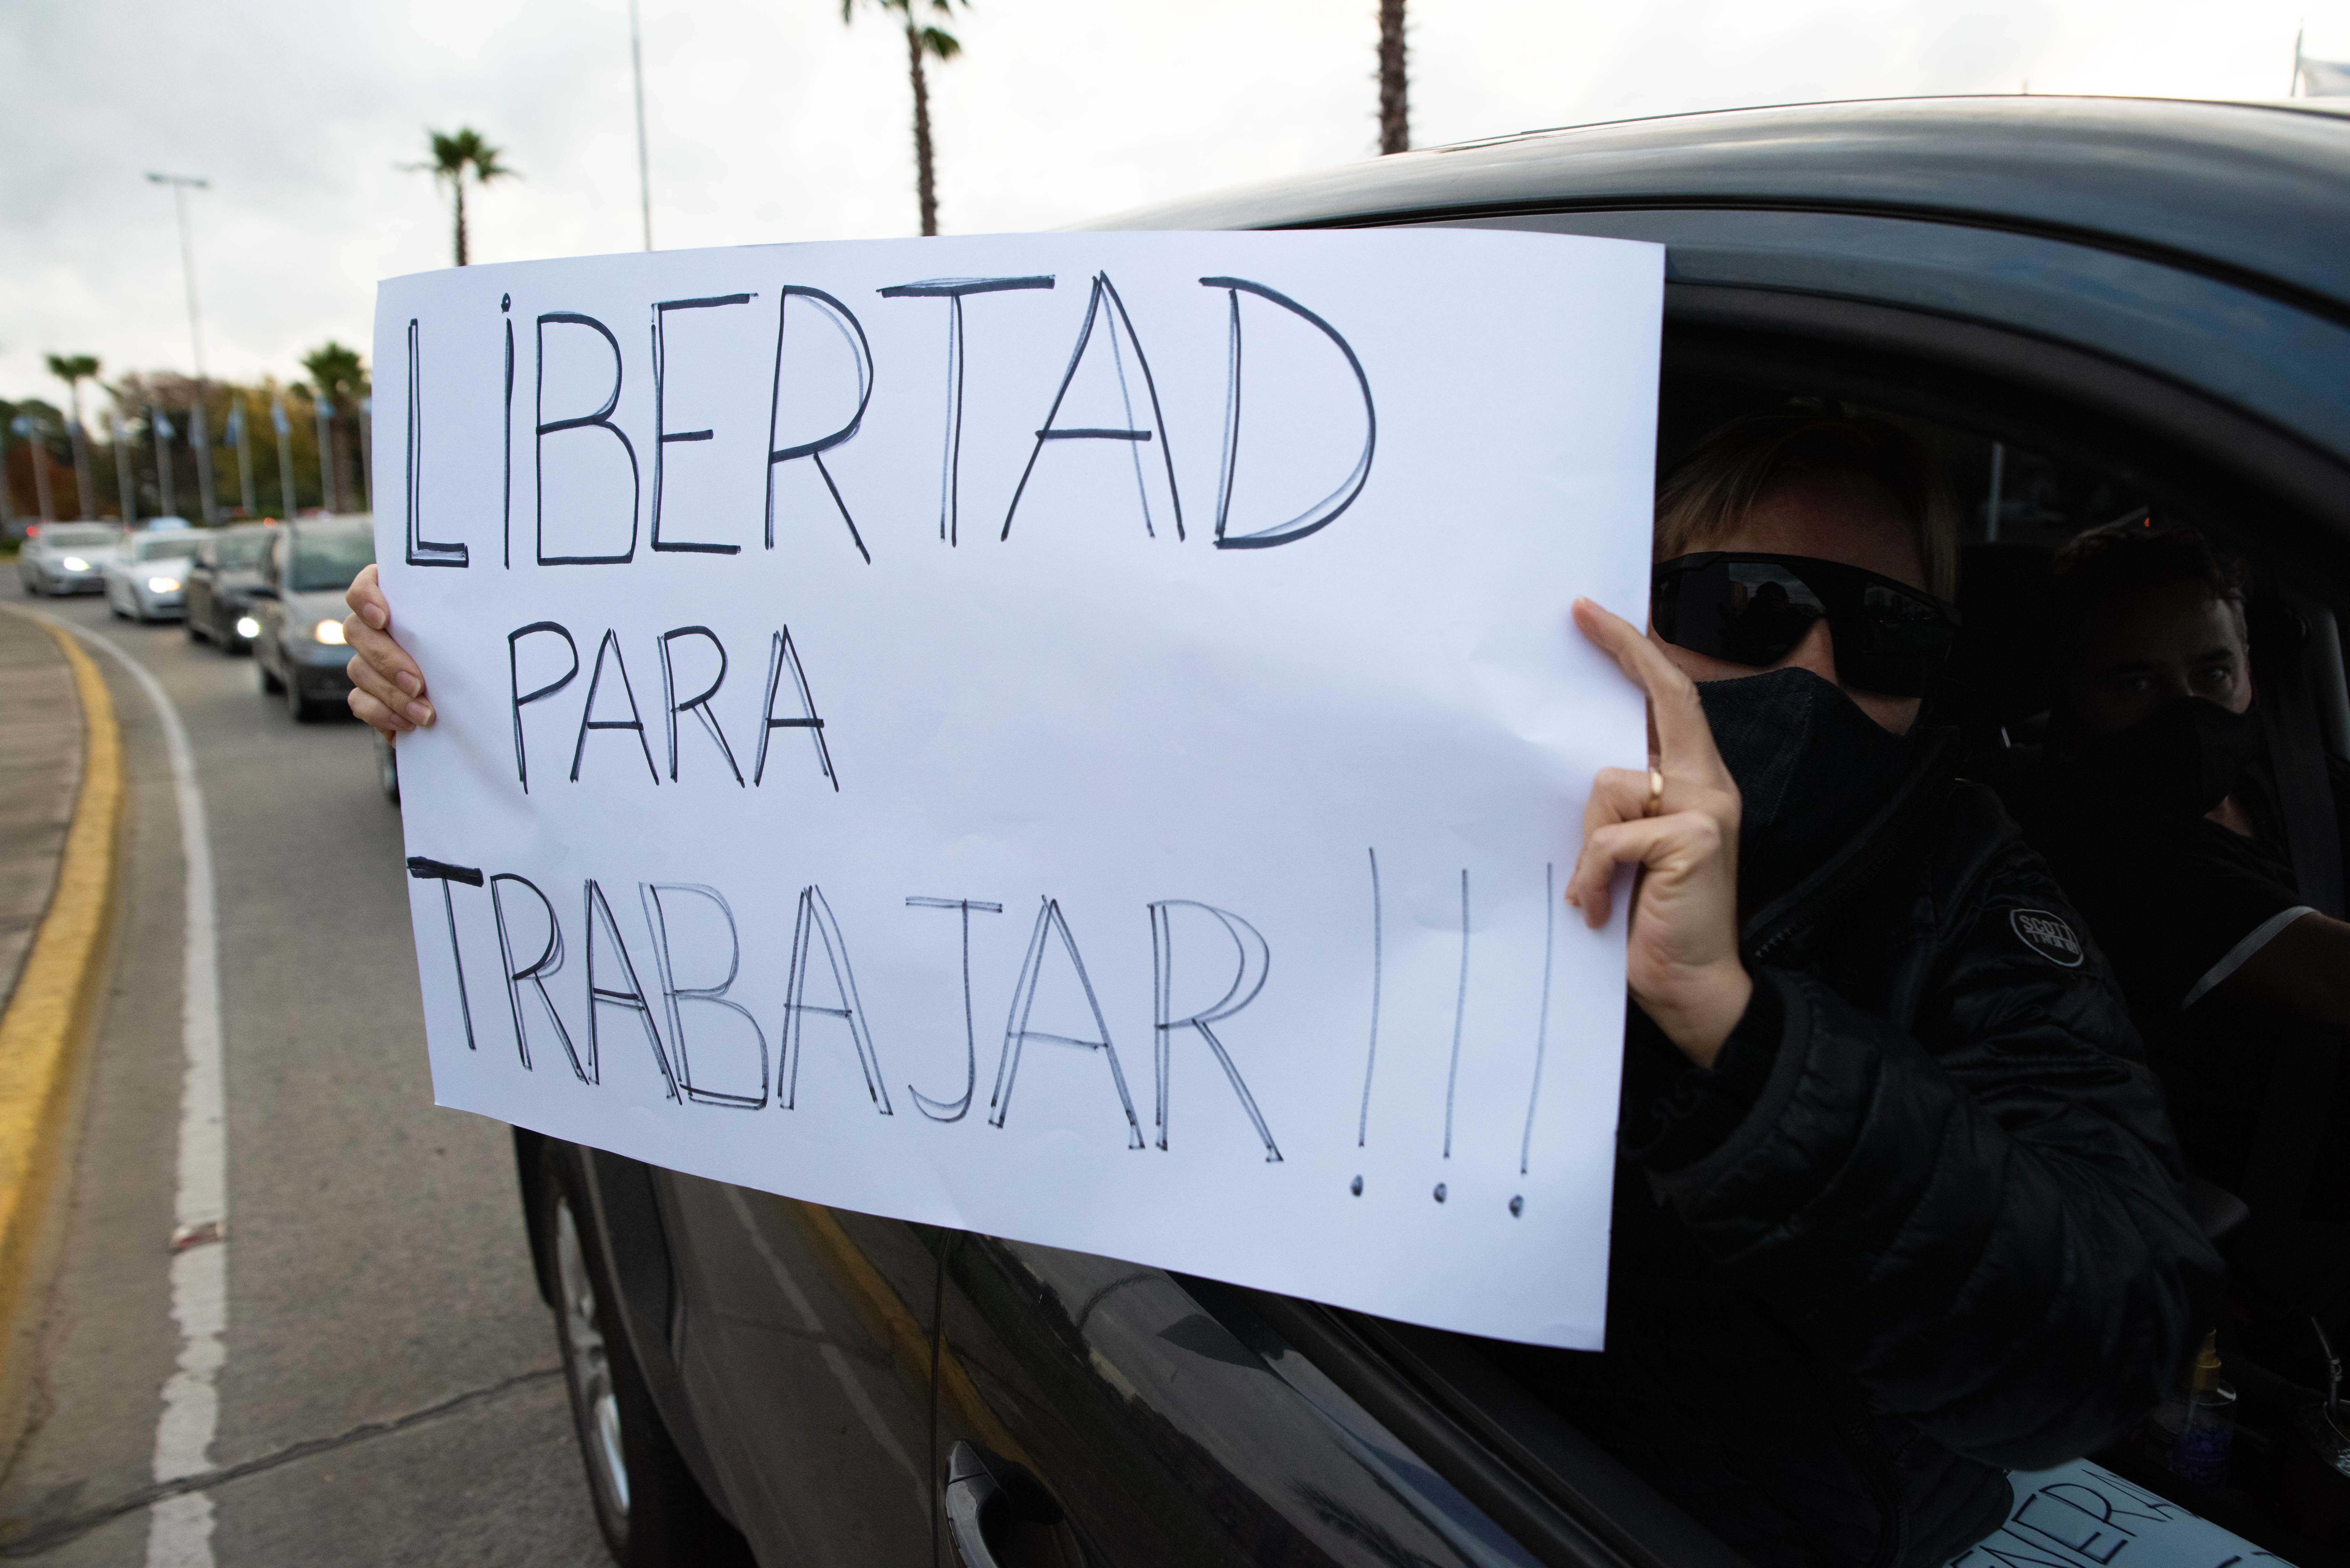 """El 30 de mayo, pese a la prohibición de marchar en auto por parte de la policía y la intimidación del municipio, los vecinos de Tigre realizaron una segunda caravana en forma de protesta pacífica en contra la extensión de la cuarentena y su impacto en la economía, y pidiendo una cuarentena inteligente. A lo largo de casi 7 kilómetros se fueron sumando vecinos de distintas zonas del municipio. La consigna, motorizada por los Vecinos de Tigre en Acción, fue: """"Con barbijo sí, pero nunca con mordaza"""""""